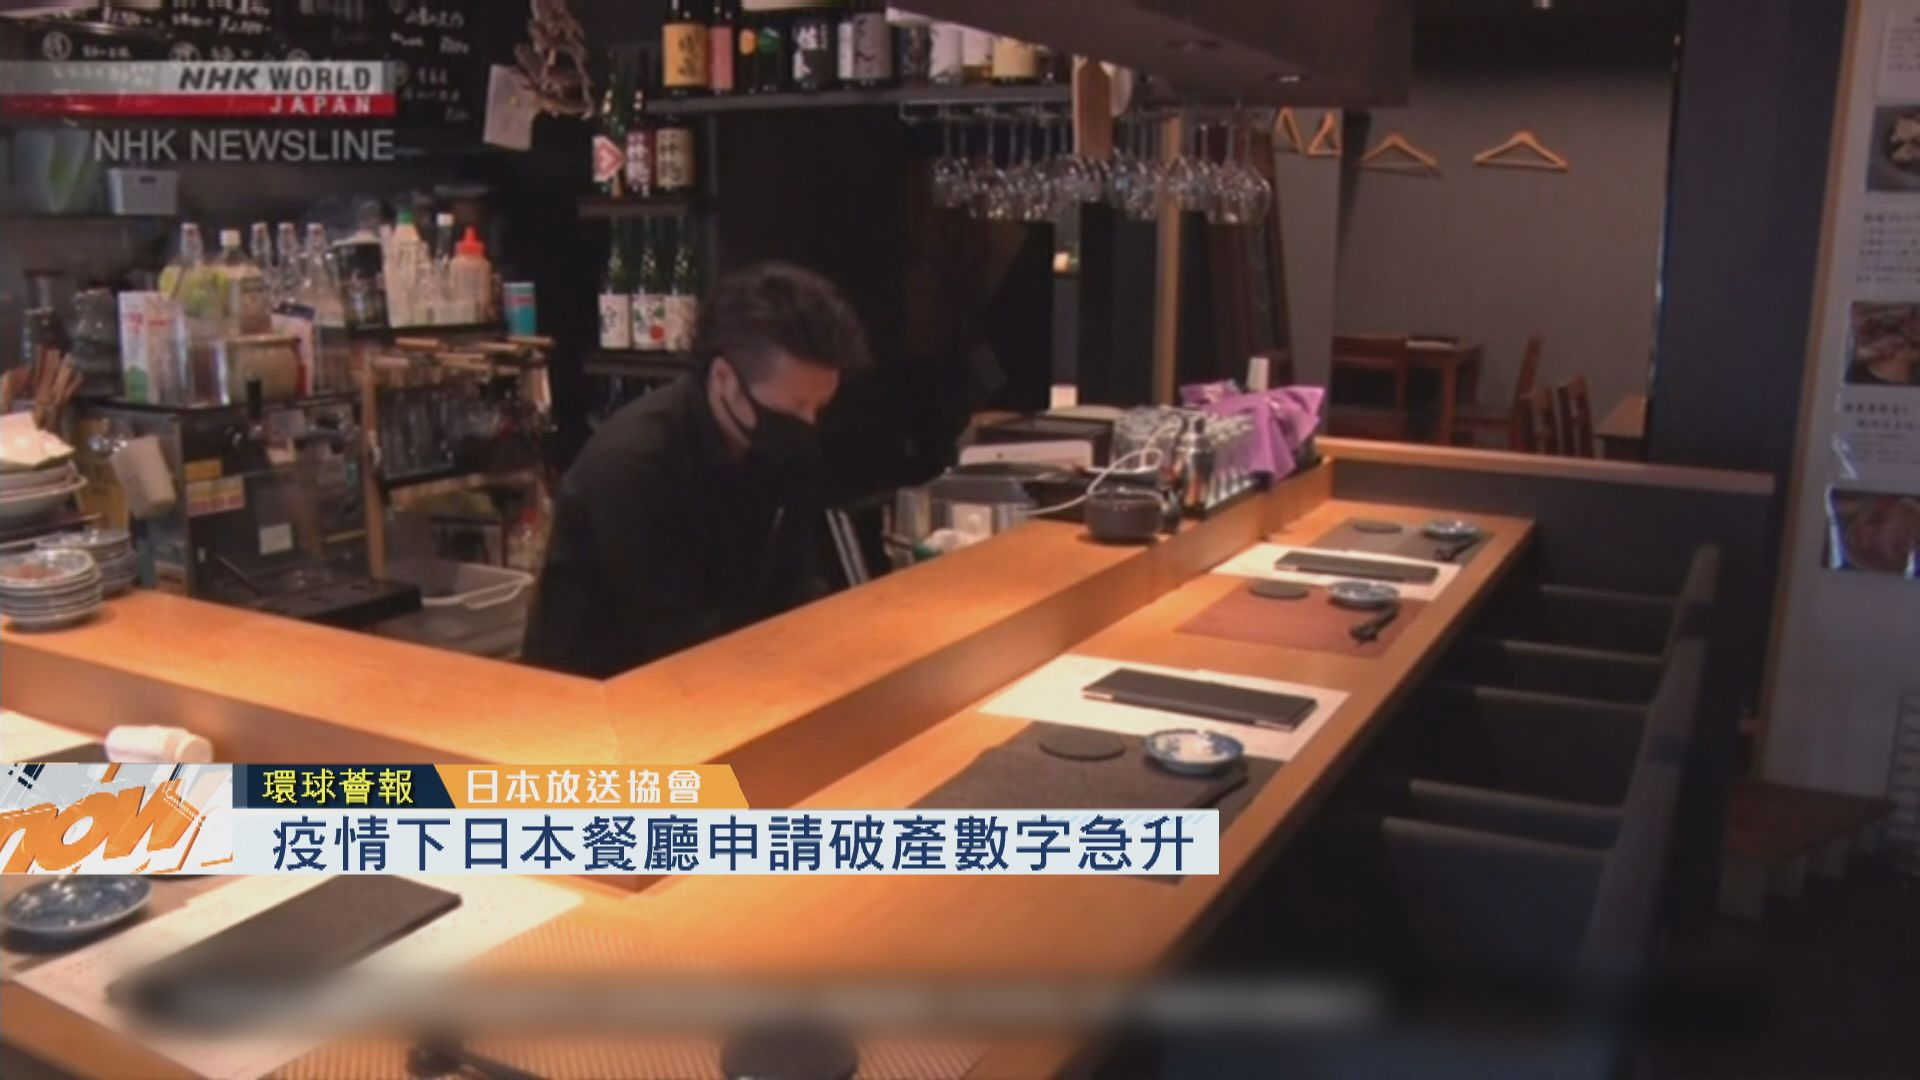 【環球薈報】疫情下日本餐廳申請破產數字急升